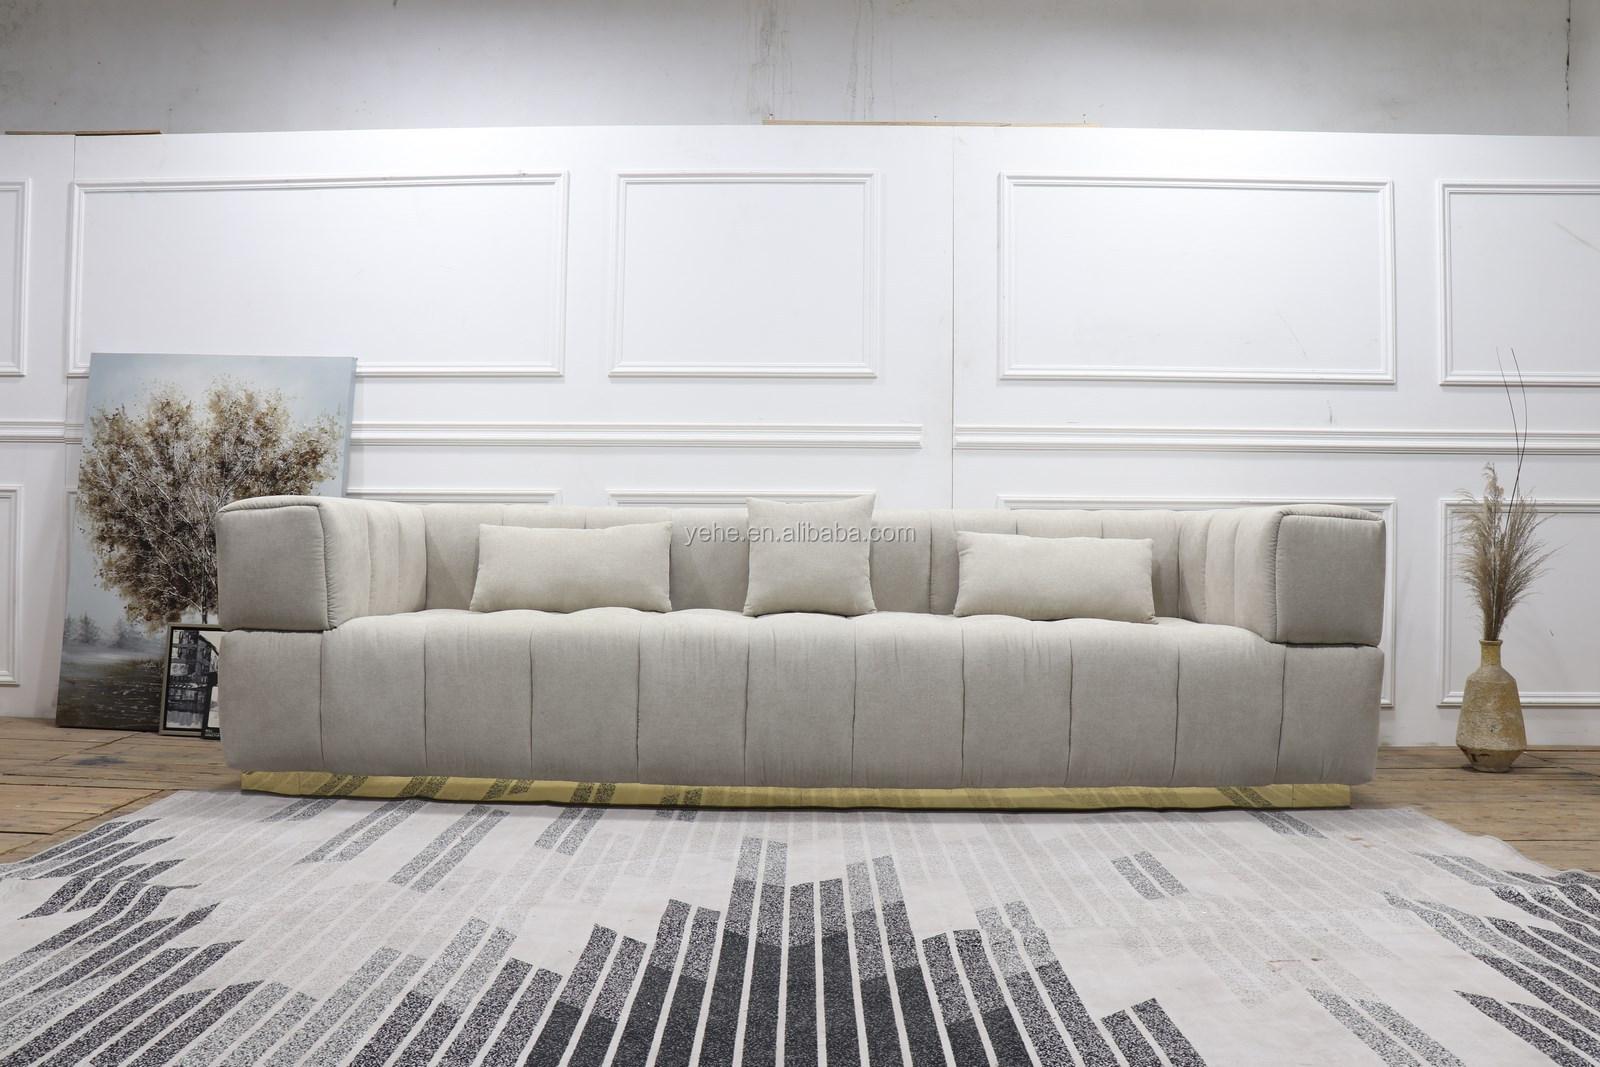 canape d angle en velours bleu ciel meuble de salon classique mobilier carre grand canape buy canape carre base en acier inoxydable dore canape rh